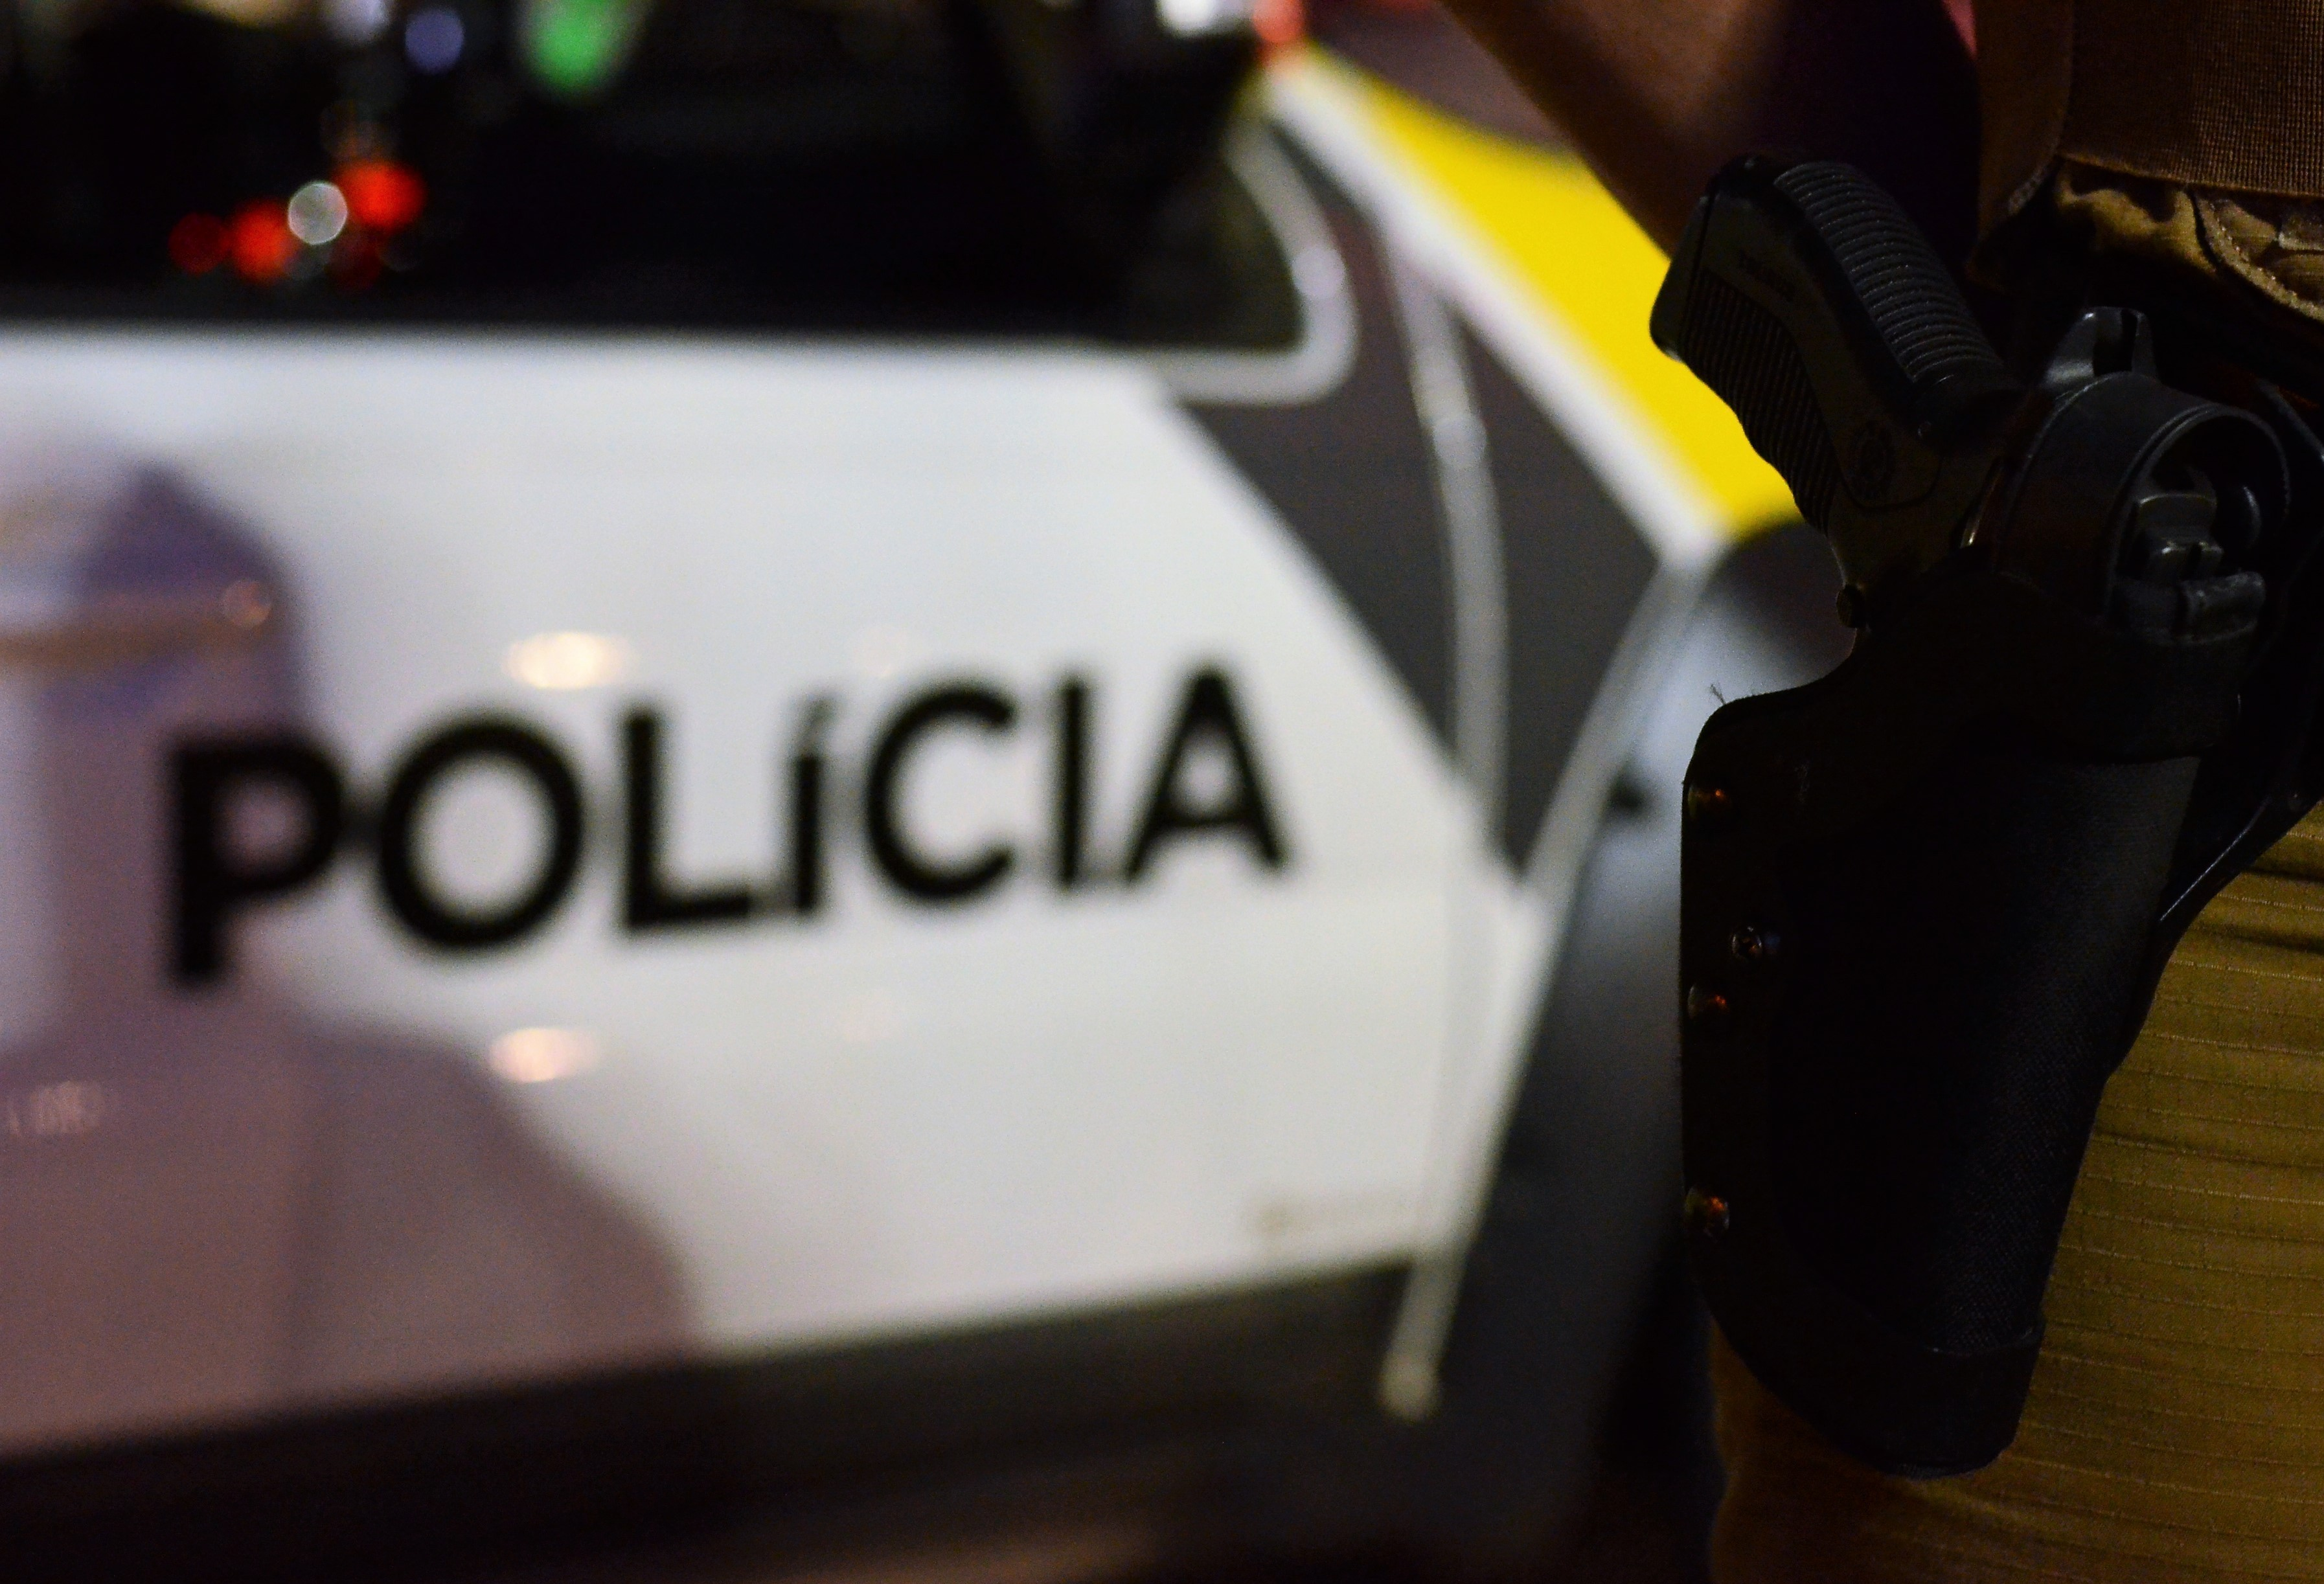 Em confronto com a polícia, assaltante é baleado